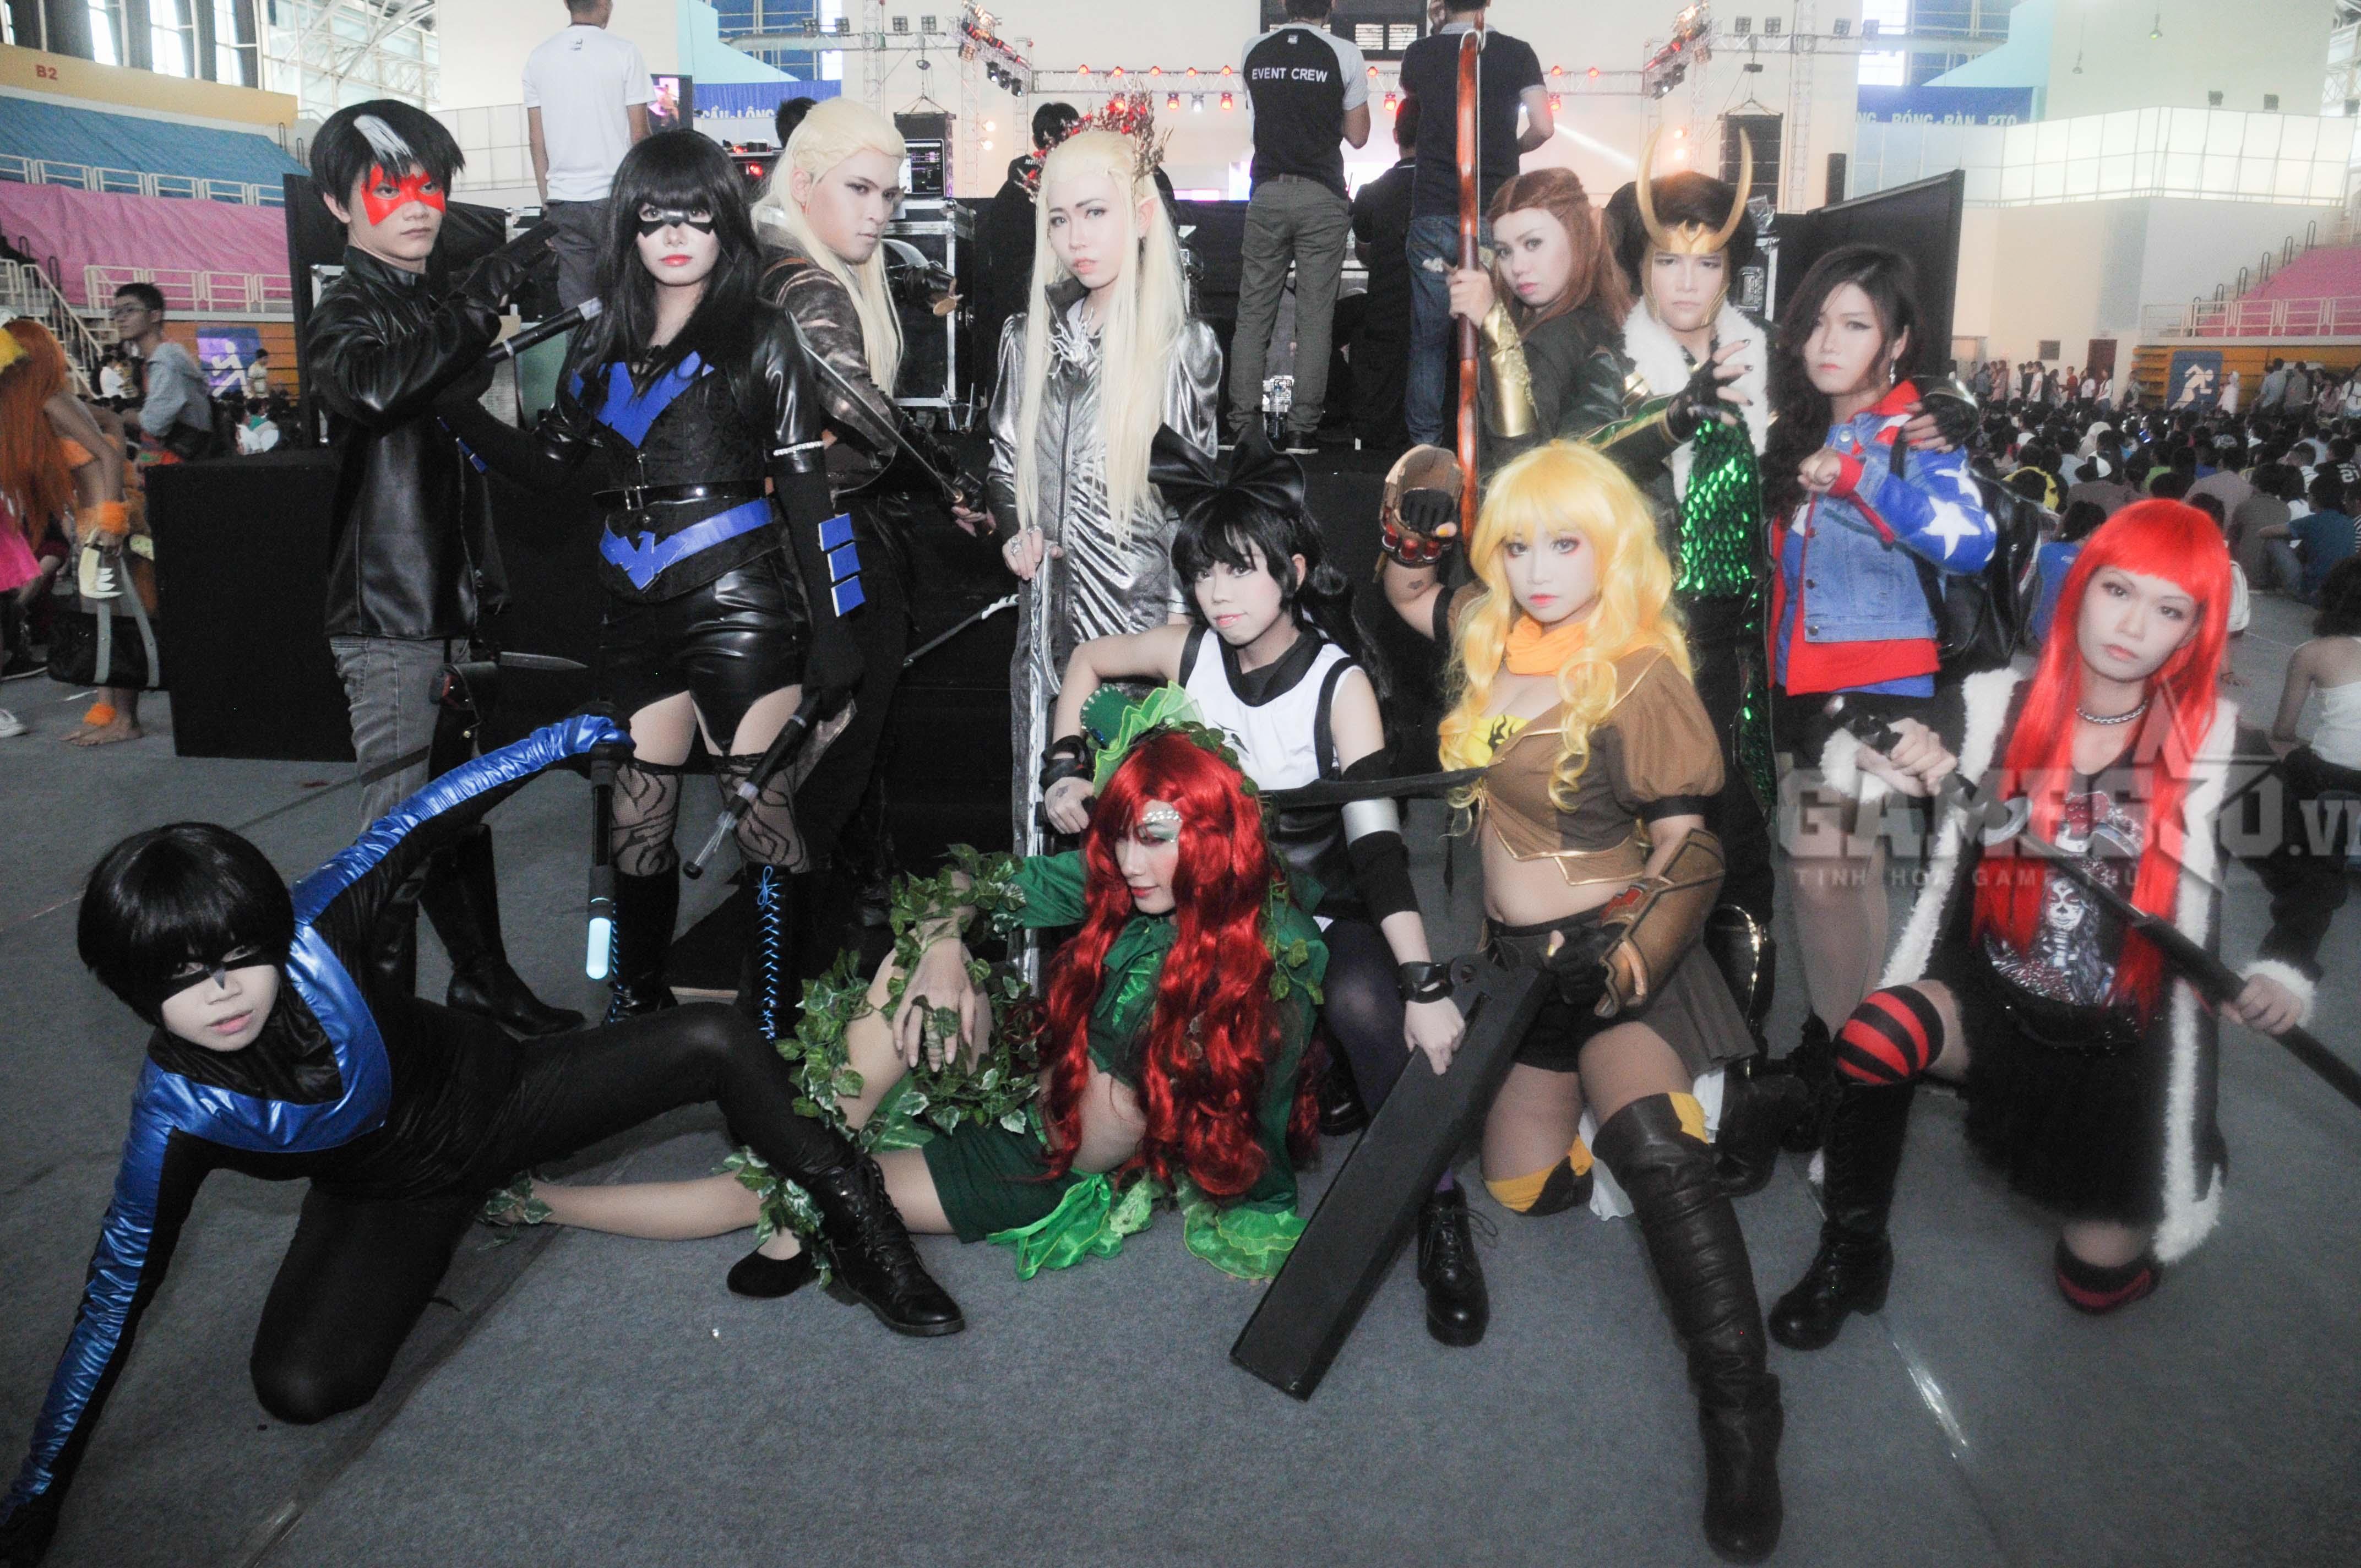 một nhóm bạn trẻ cosplay vô cùng nổi bật tại lễ hội